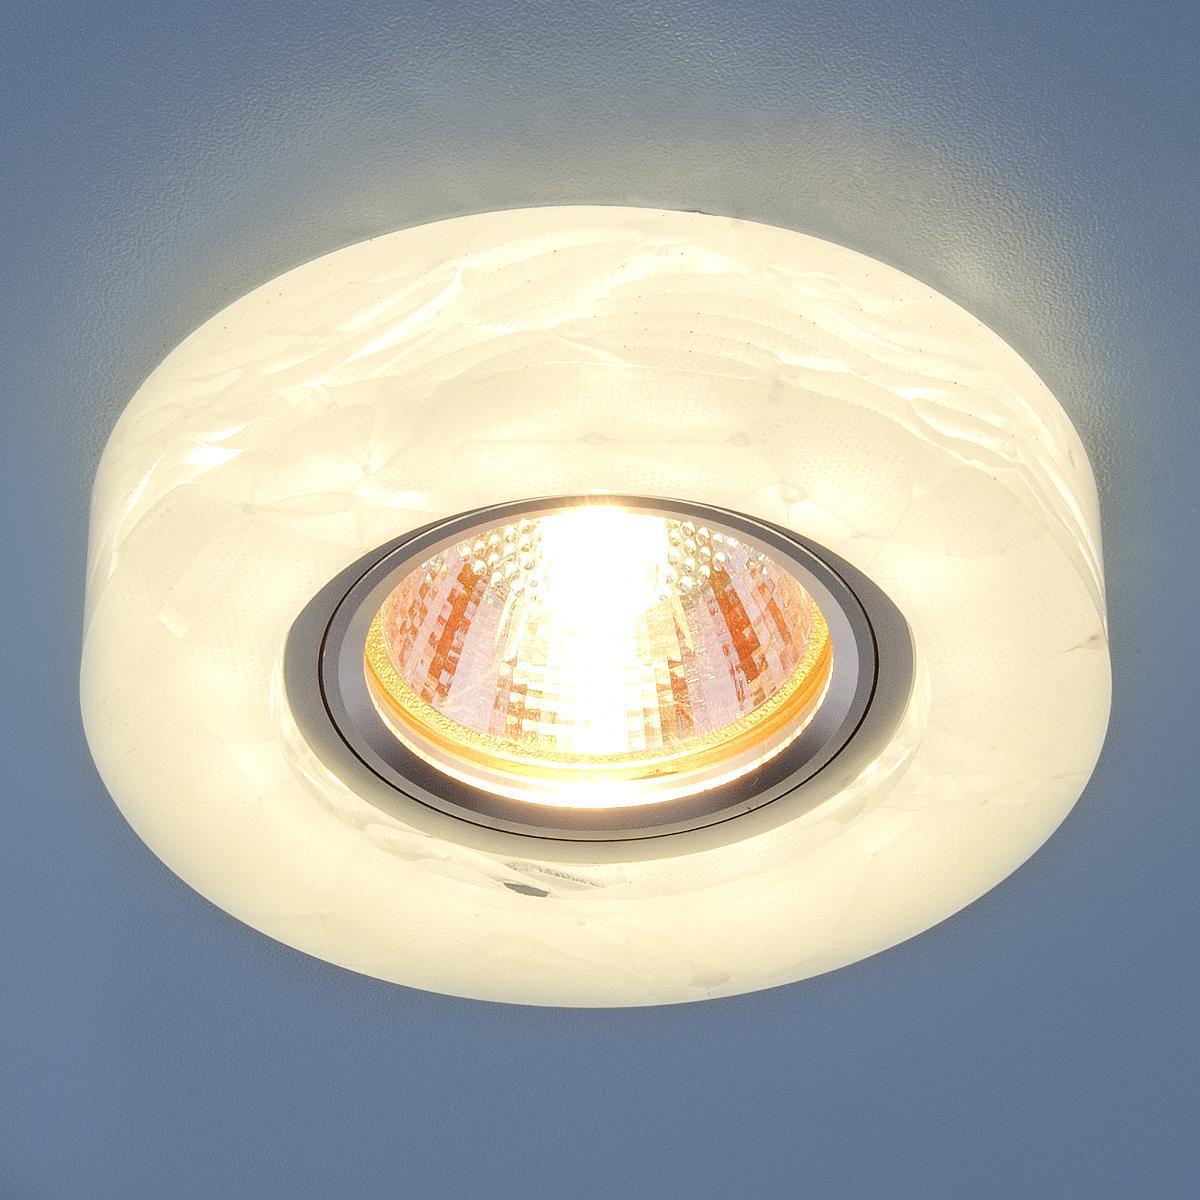 Фото - Встраиваемый светильник Elektrostandard 6062 MR16 WH белый 4690389068584 cветильник галогенный de fran встраиваемый 1х50вт mr16 ip20 зел античное золото